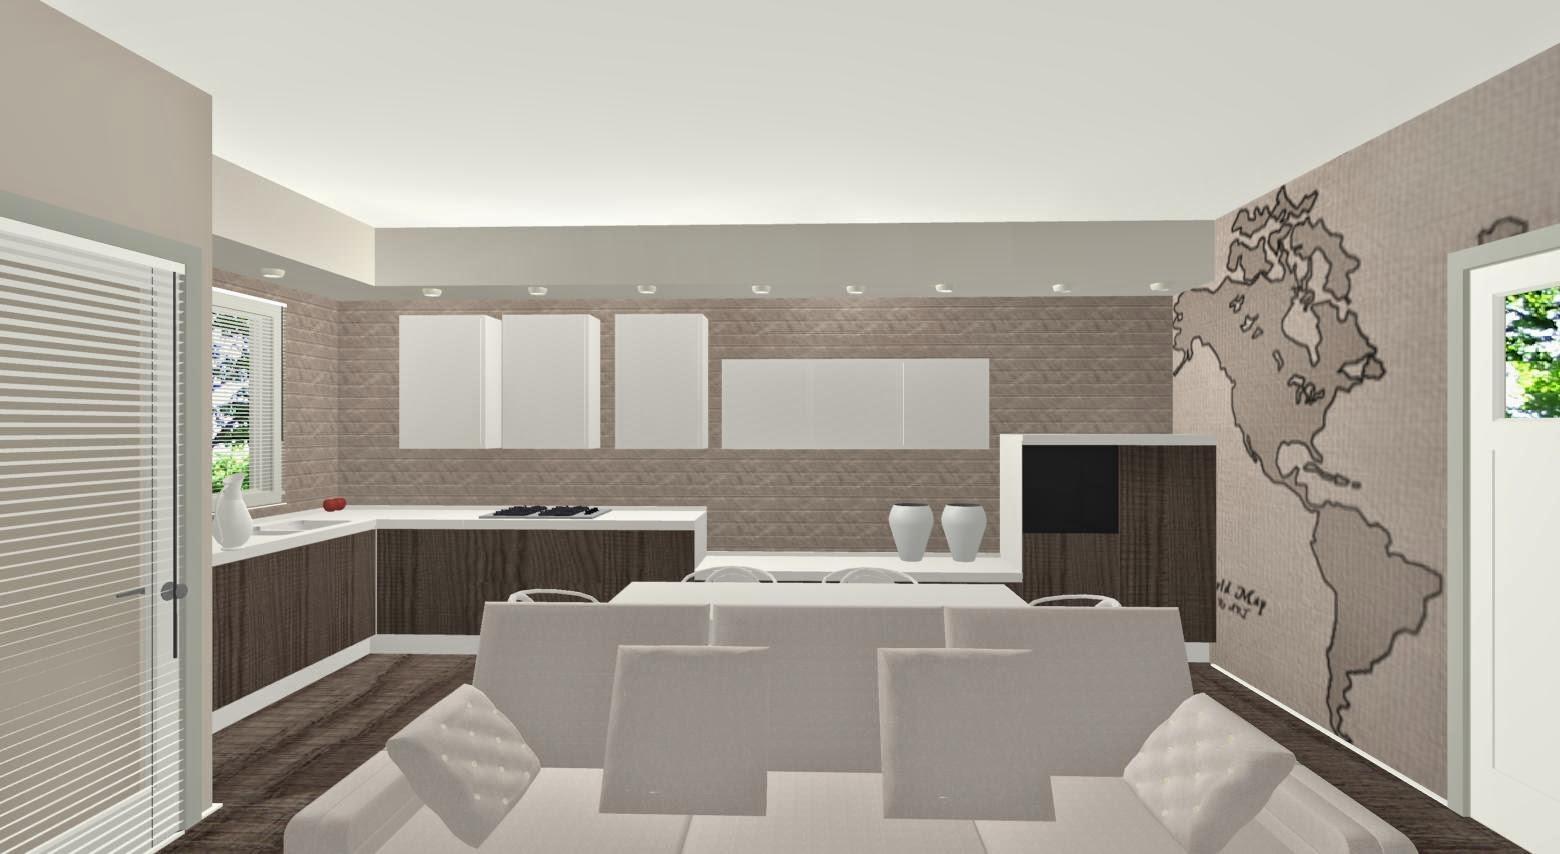 parete divisoria cucina soggiorno. bbeaeafoto pensilina jpg ... - Mobili Divisori Cucina Soggiorno 2